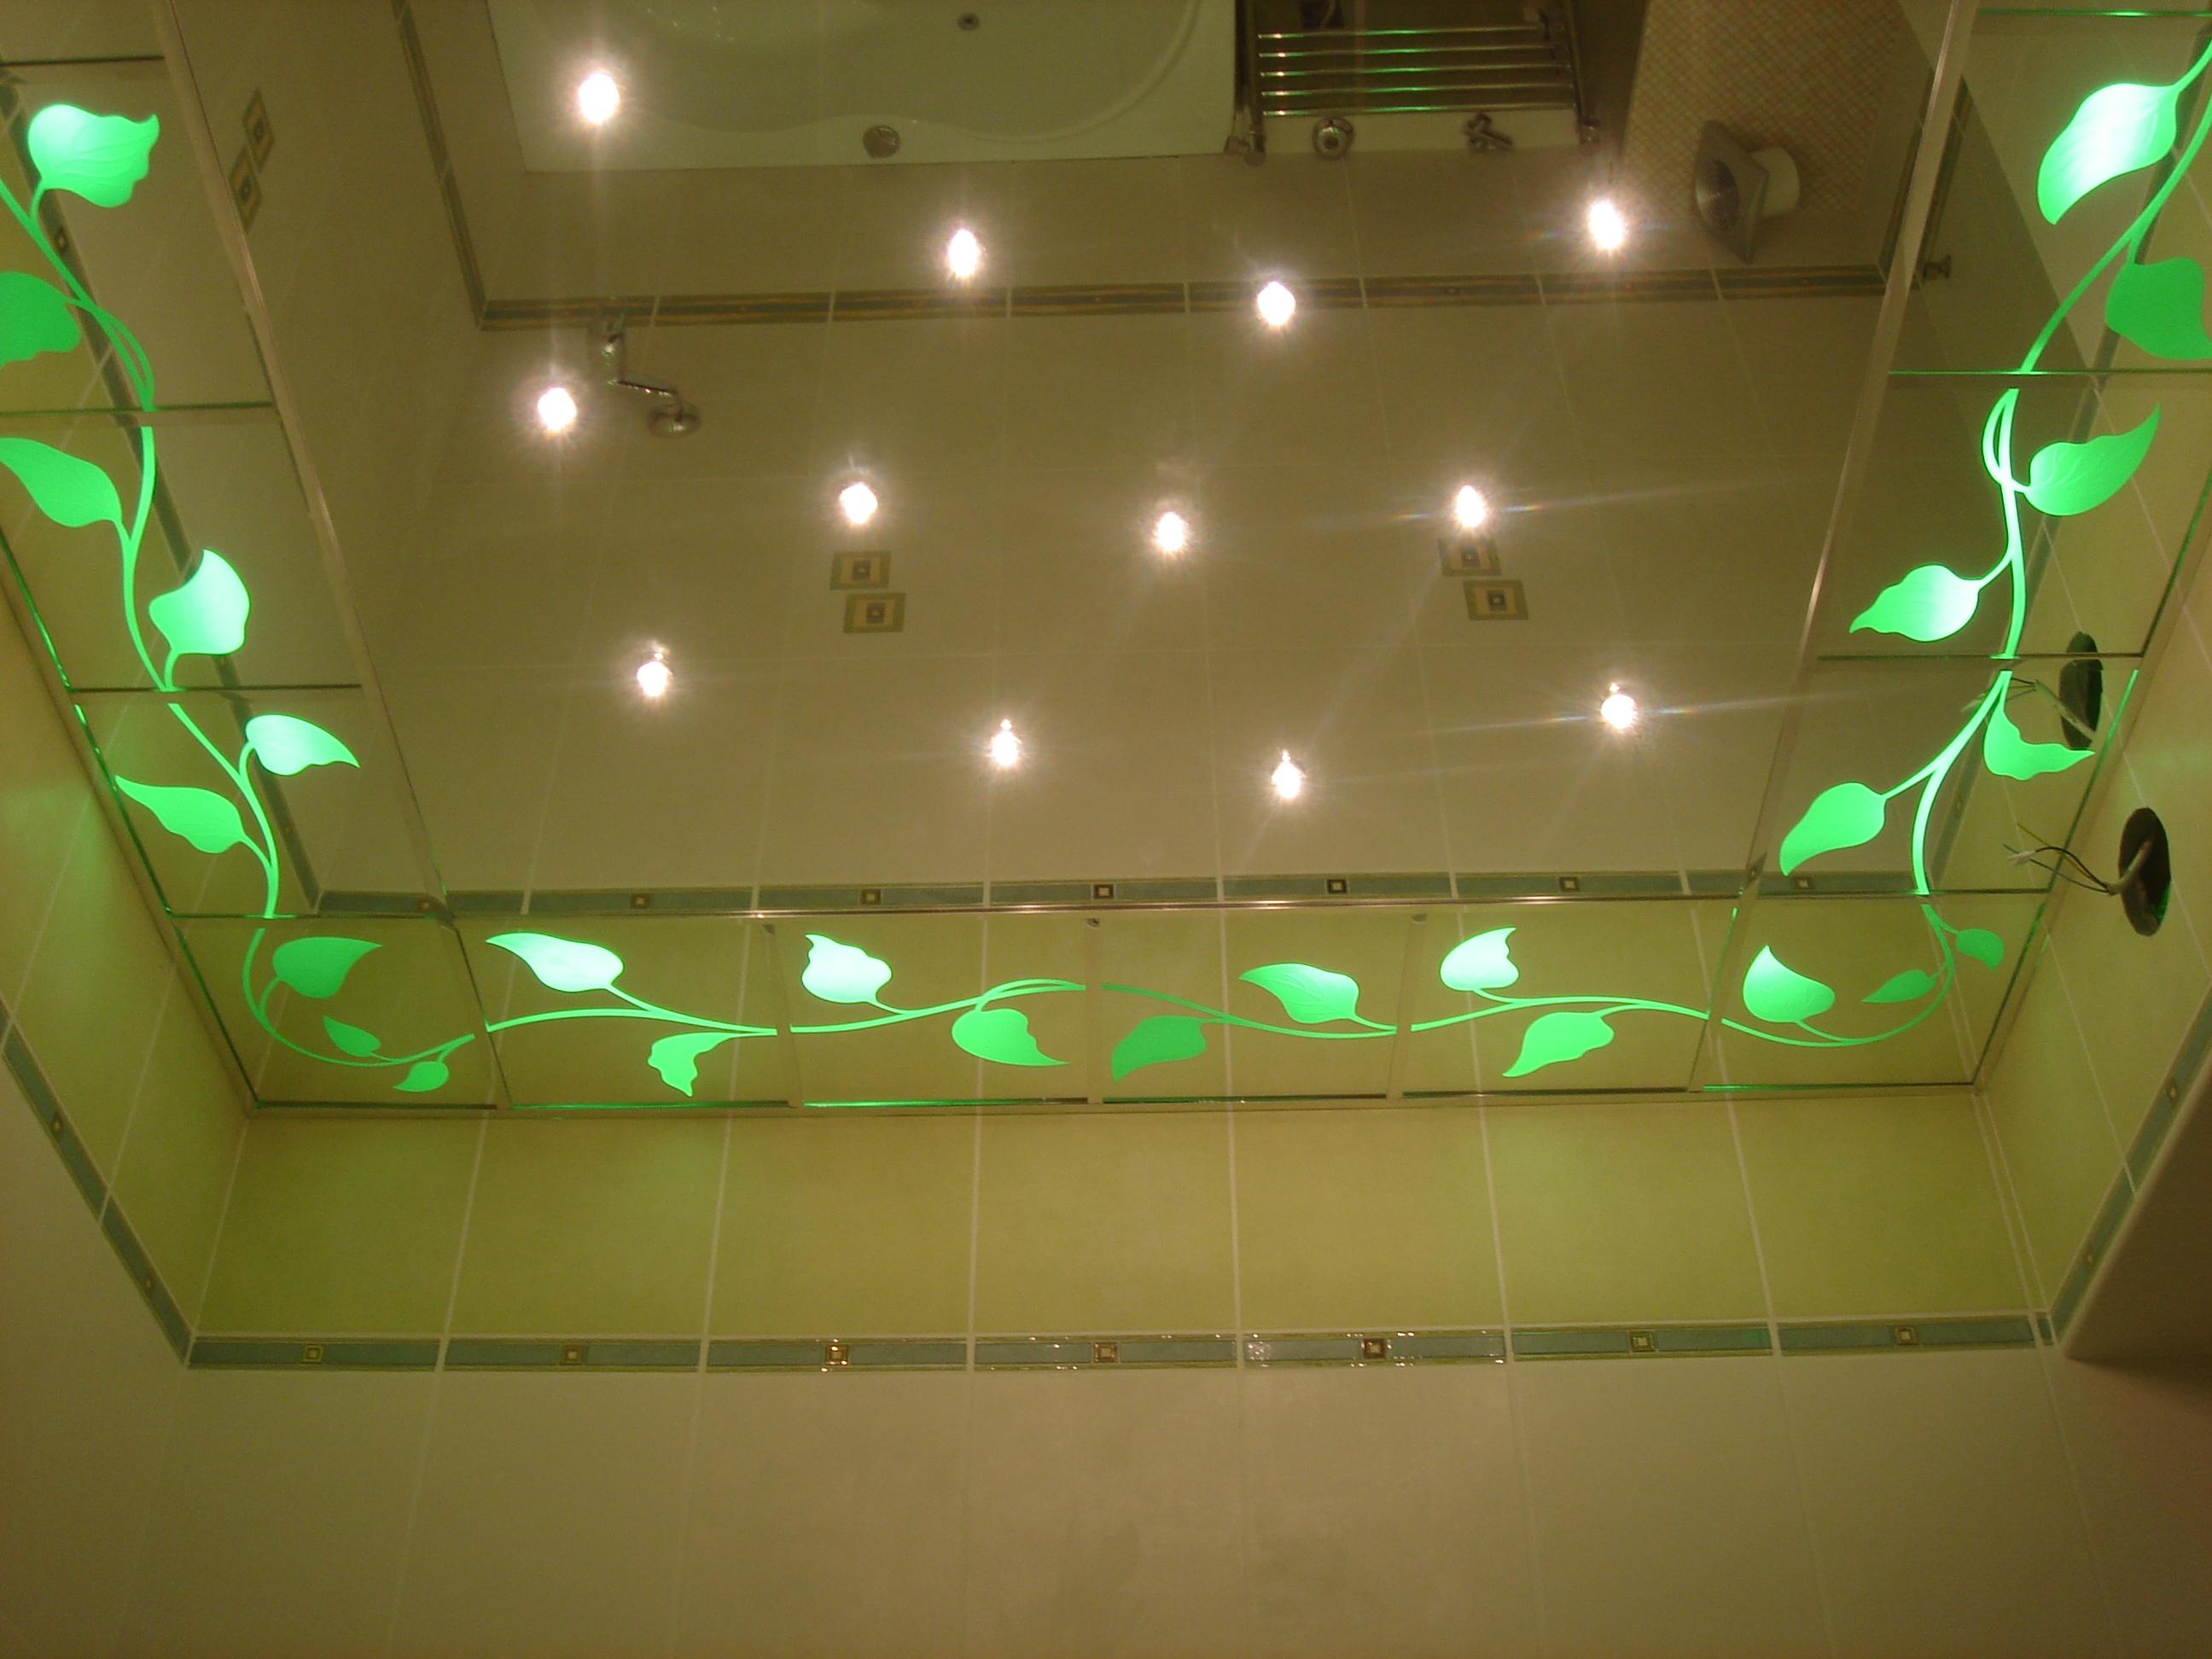 Faire plafond en fibre optique troyes contact artisan for Fibre optique pour plafond